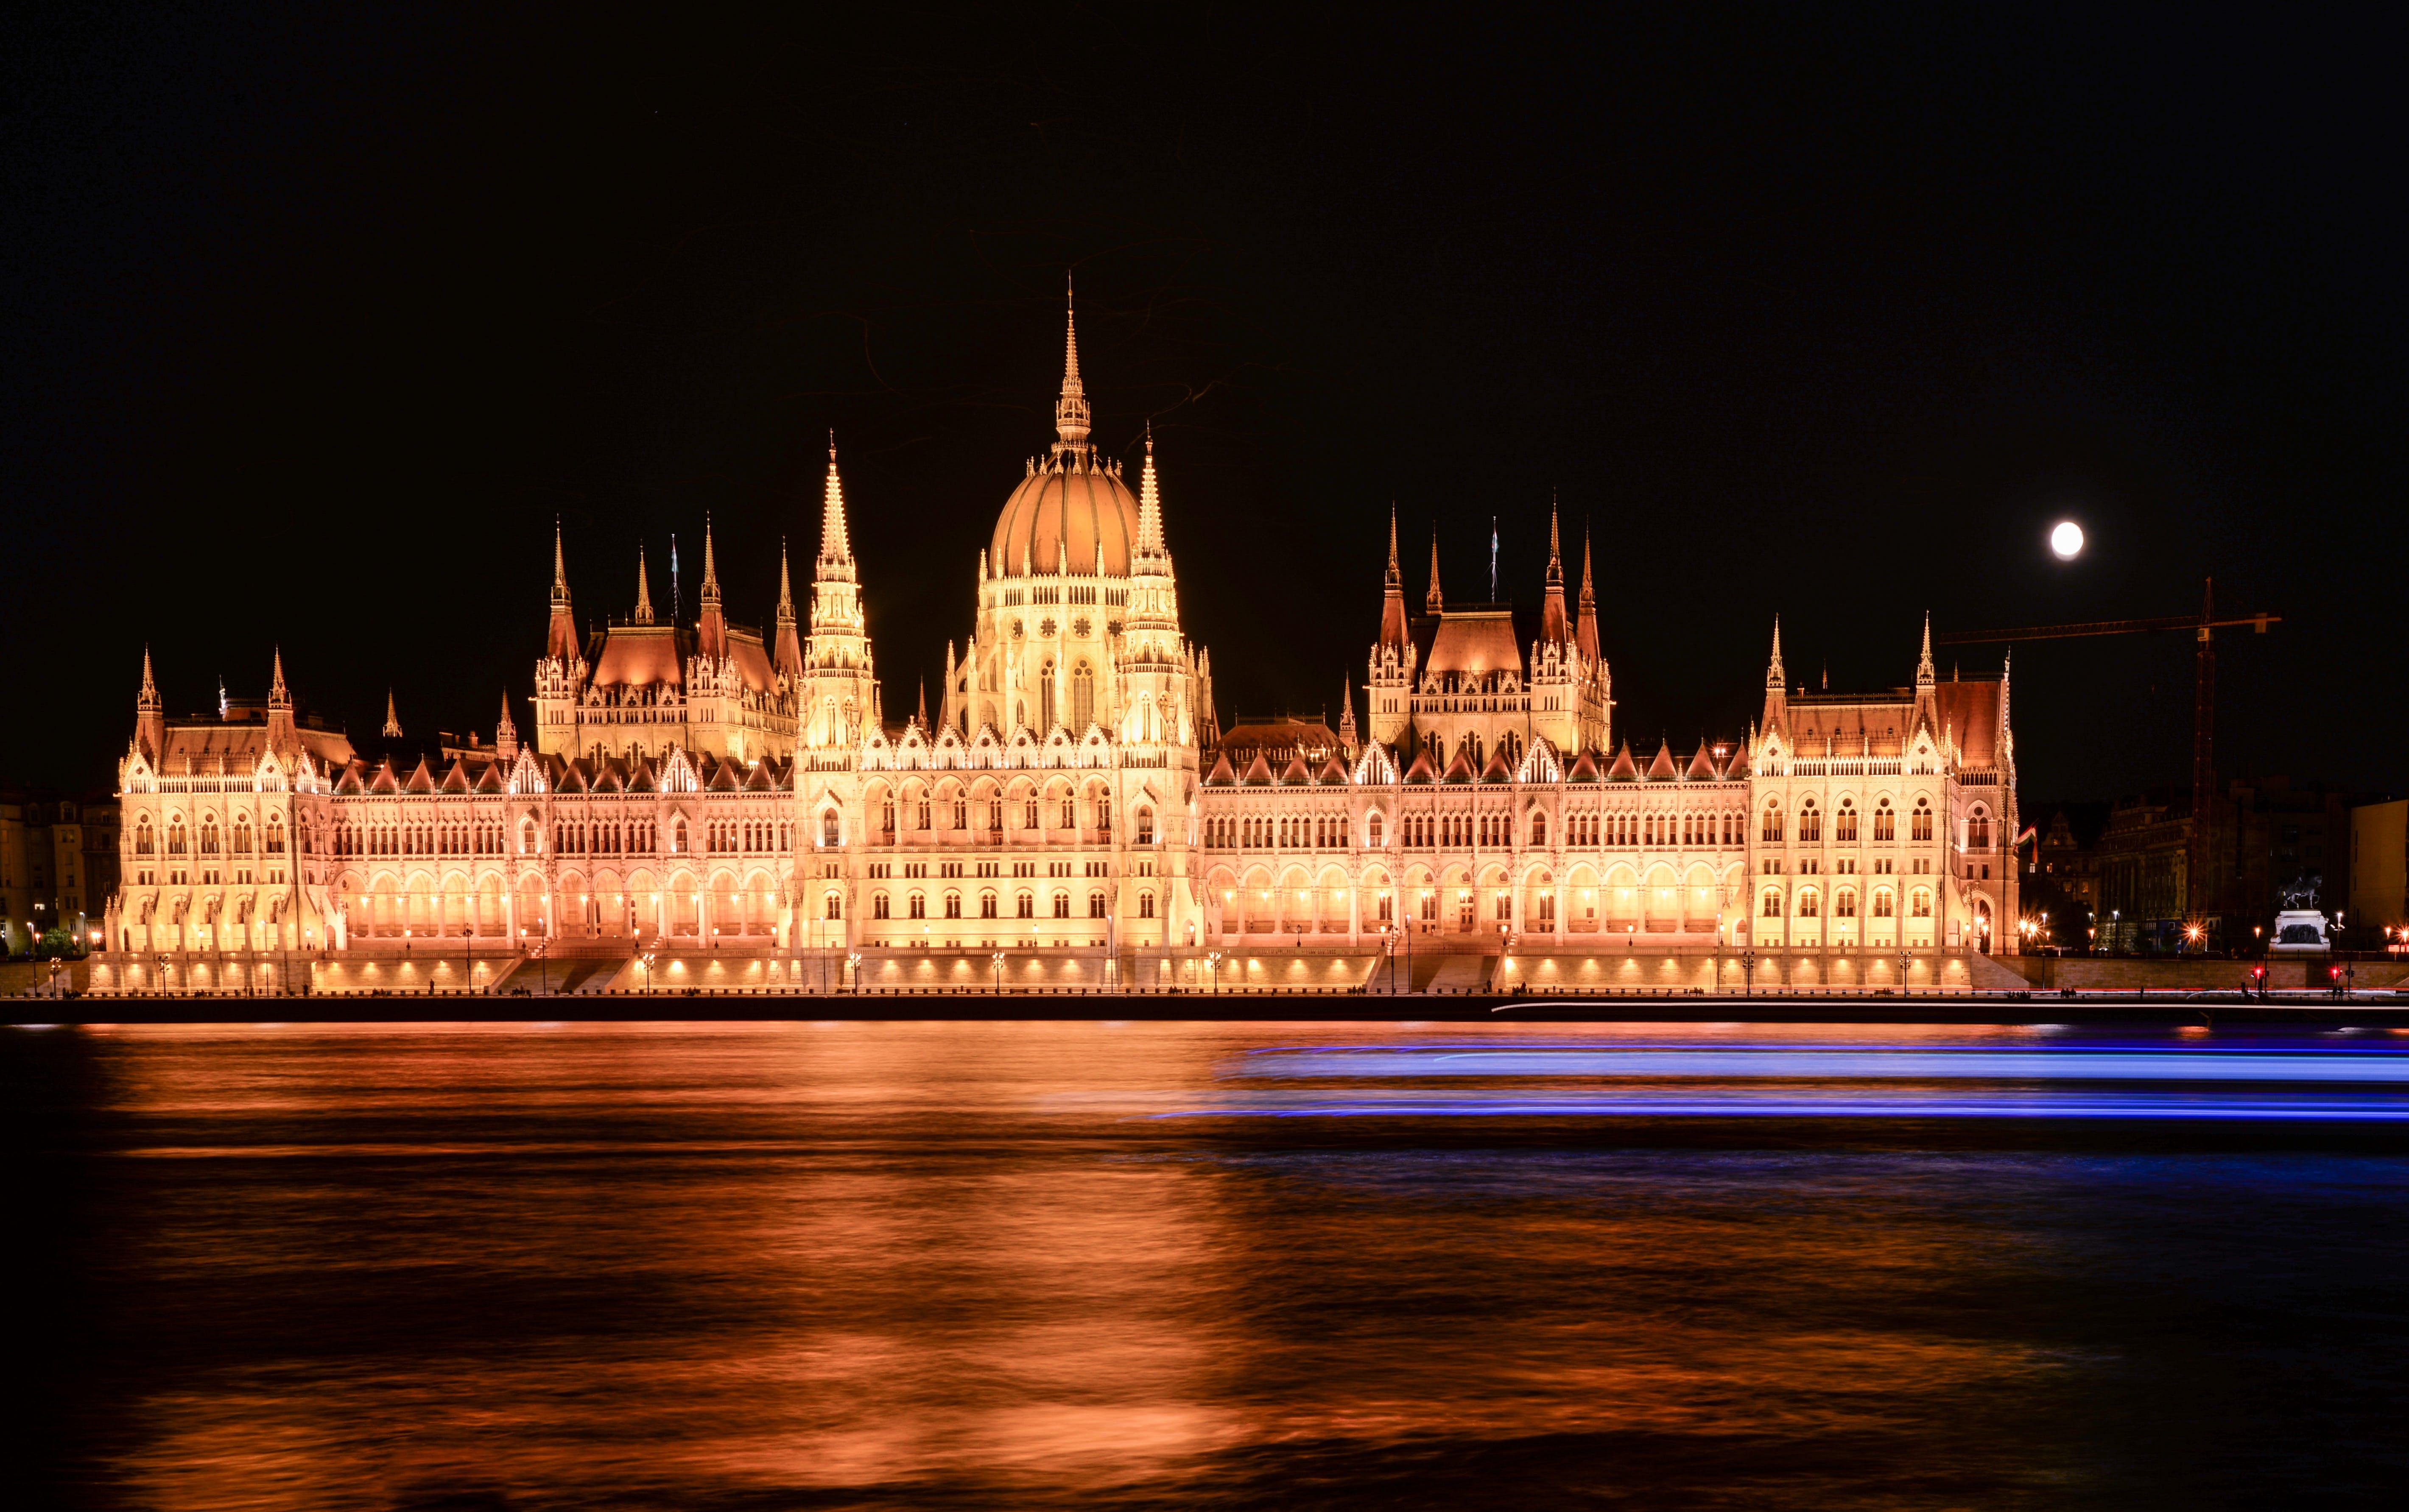 Illuminated Castle at Night